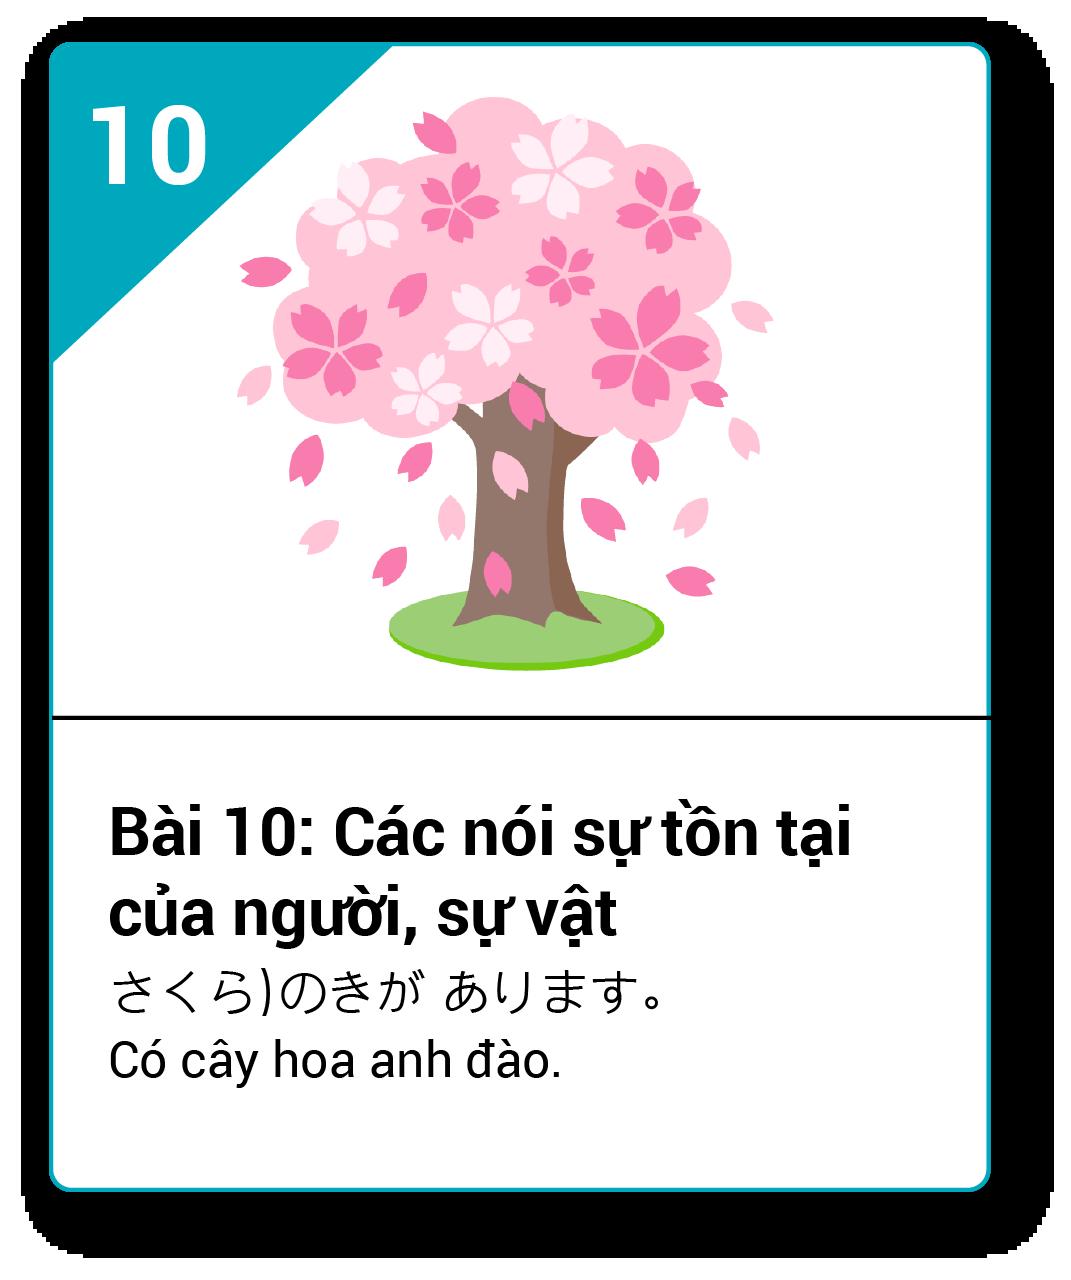 Từ vựng ngữ pháp Minna bài 10